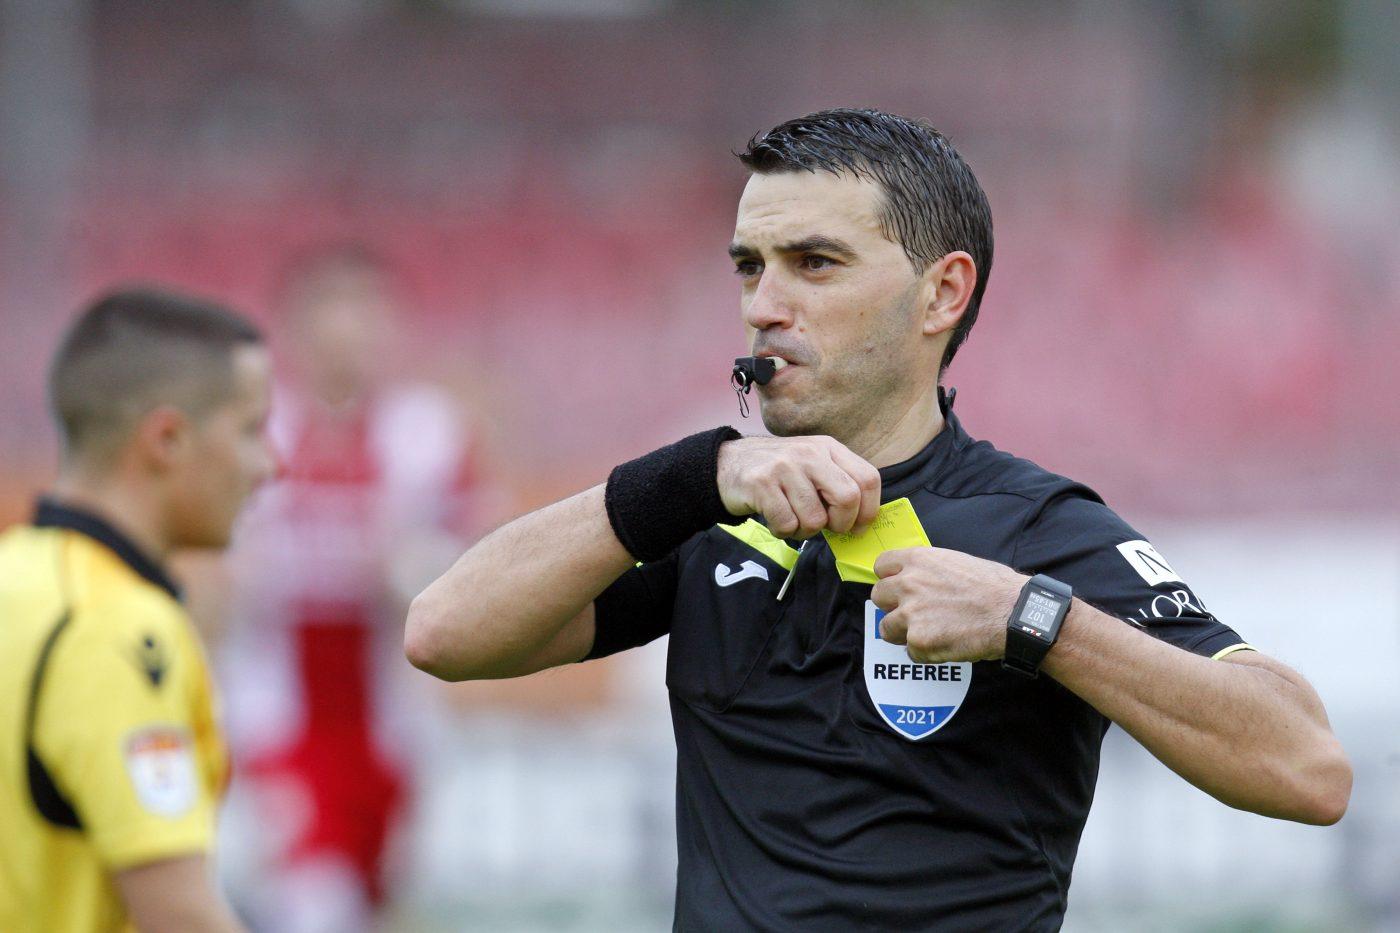 """Motivul pentru care Ovidiu Hațegan a fost delegat la partida dintre CS Mioveni și FC Botoșani: """"Nu era un meci important! CCA s-a gândit bine""""   EXCLUSIV ProSport Live"""